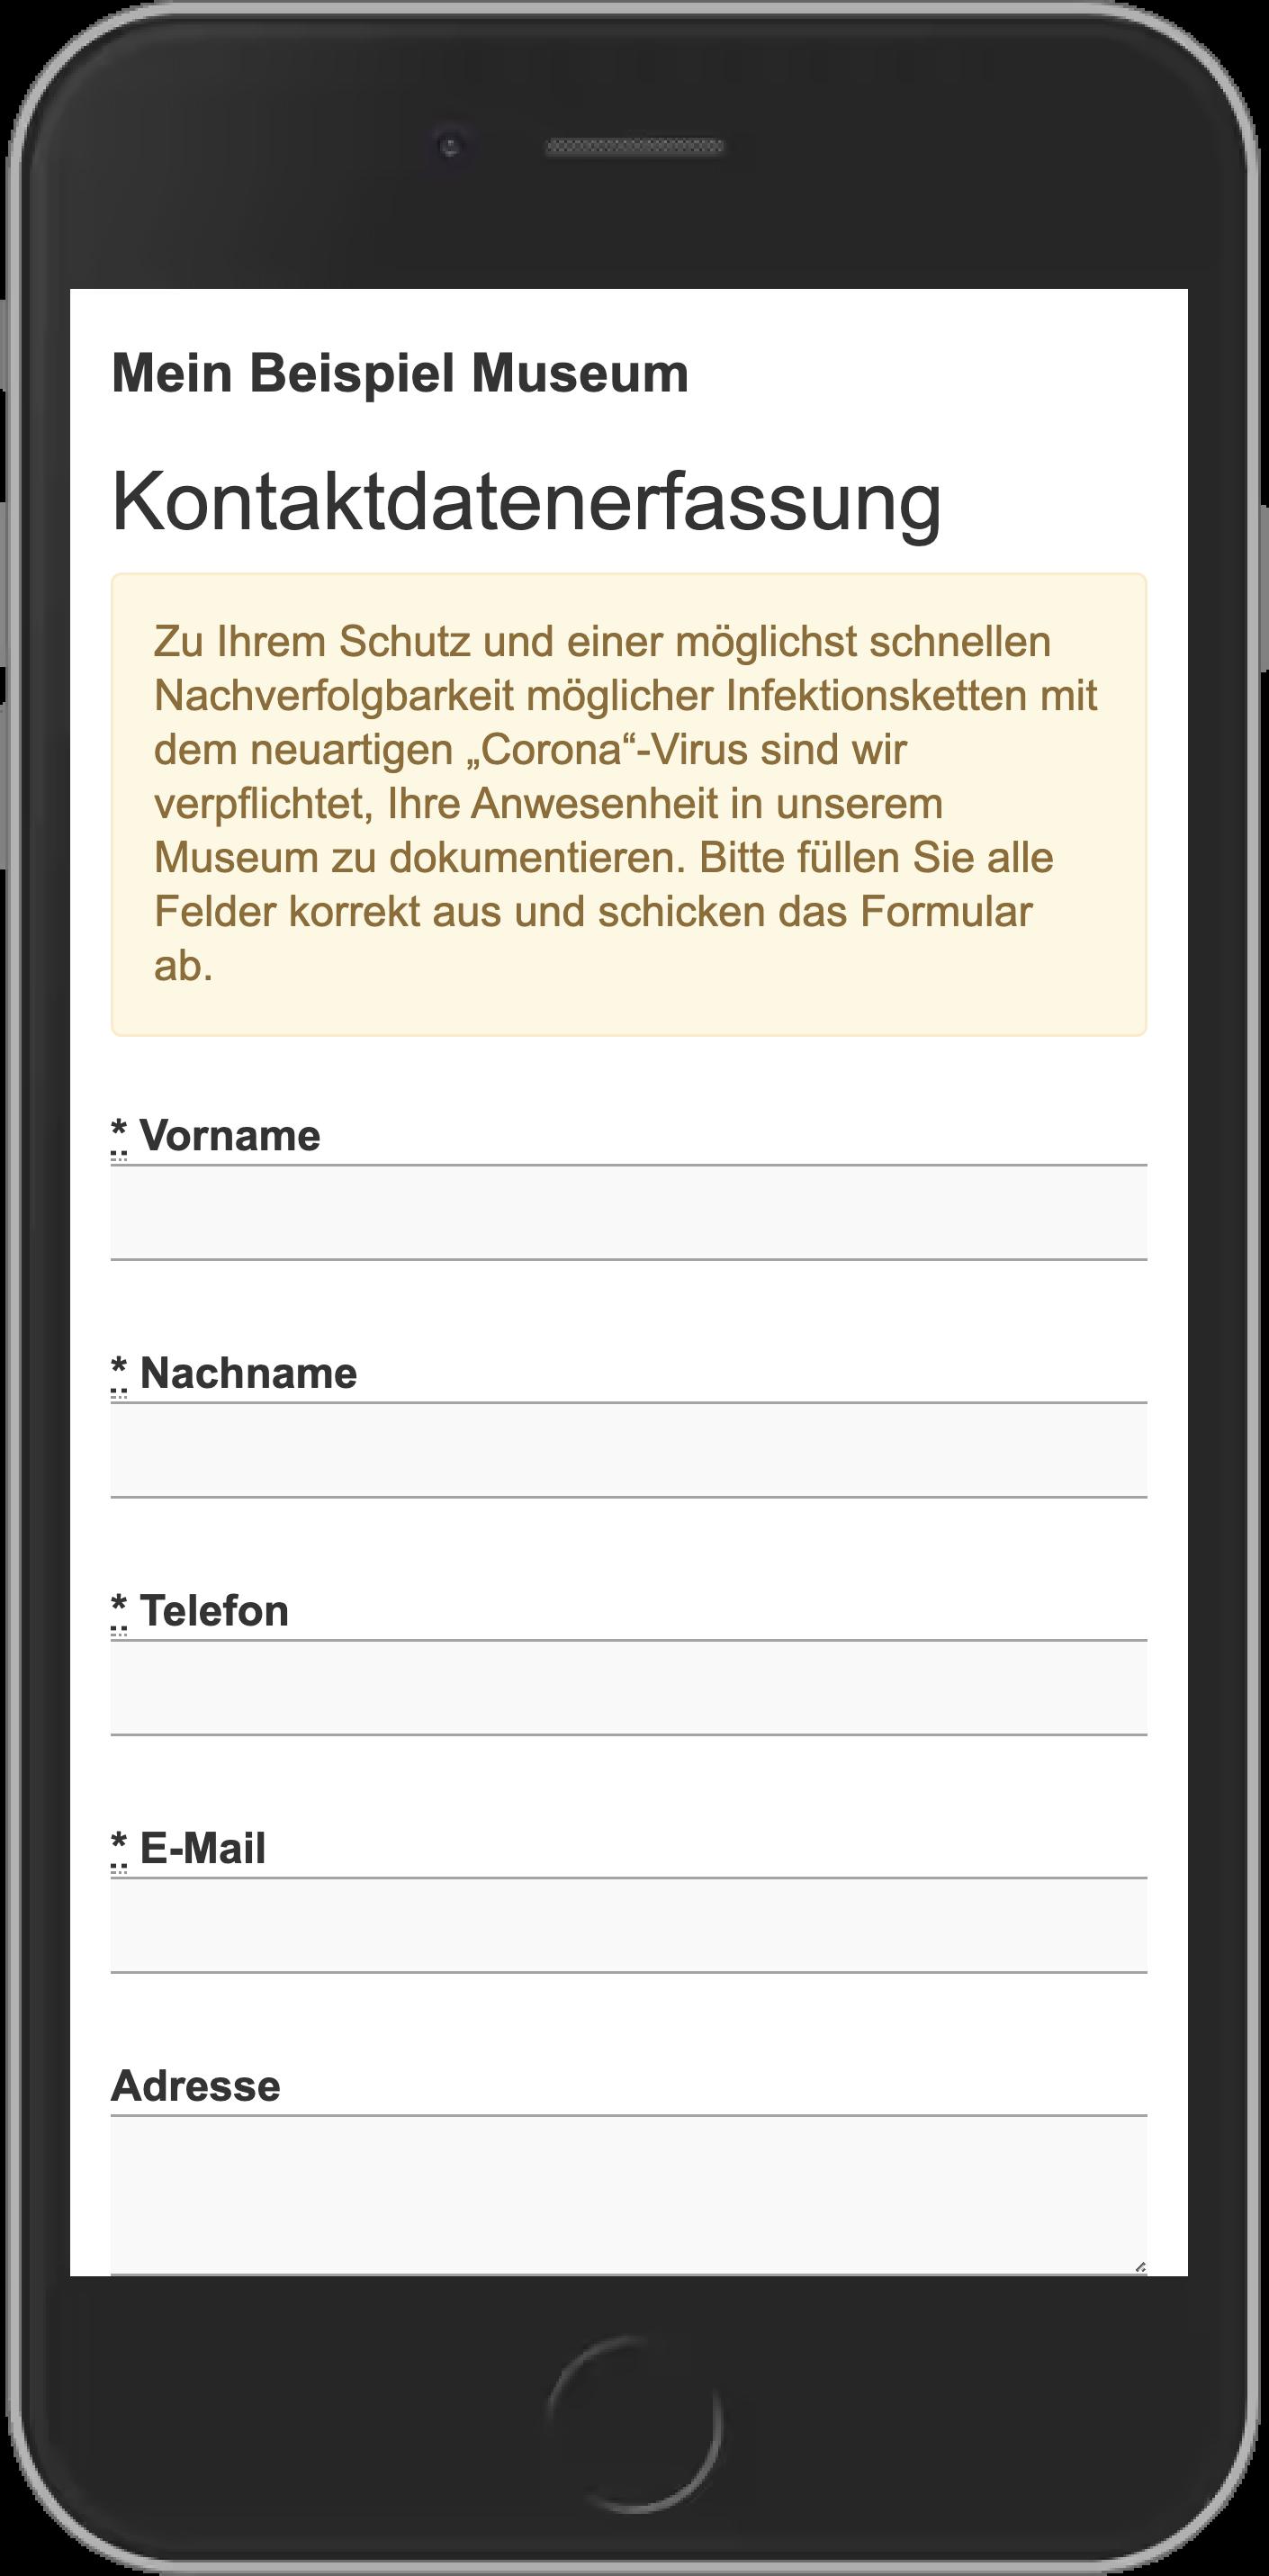 Formular zur Kontaktdatenerfassung auf einem Smartphone